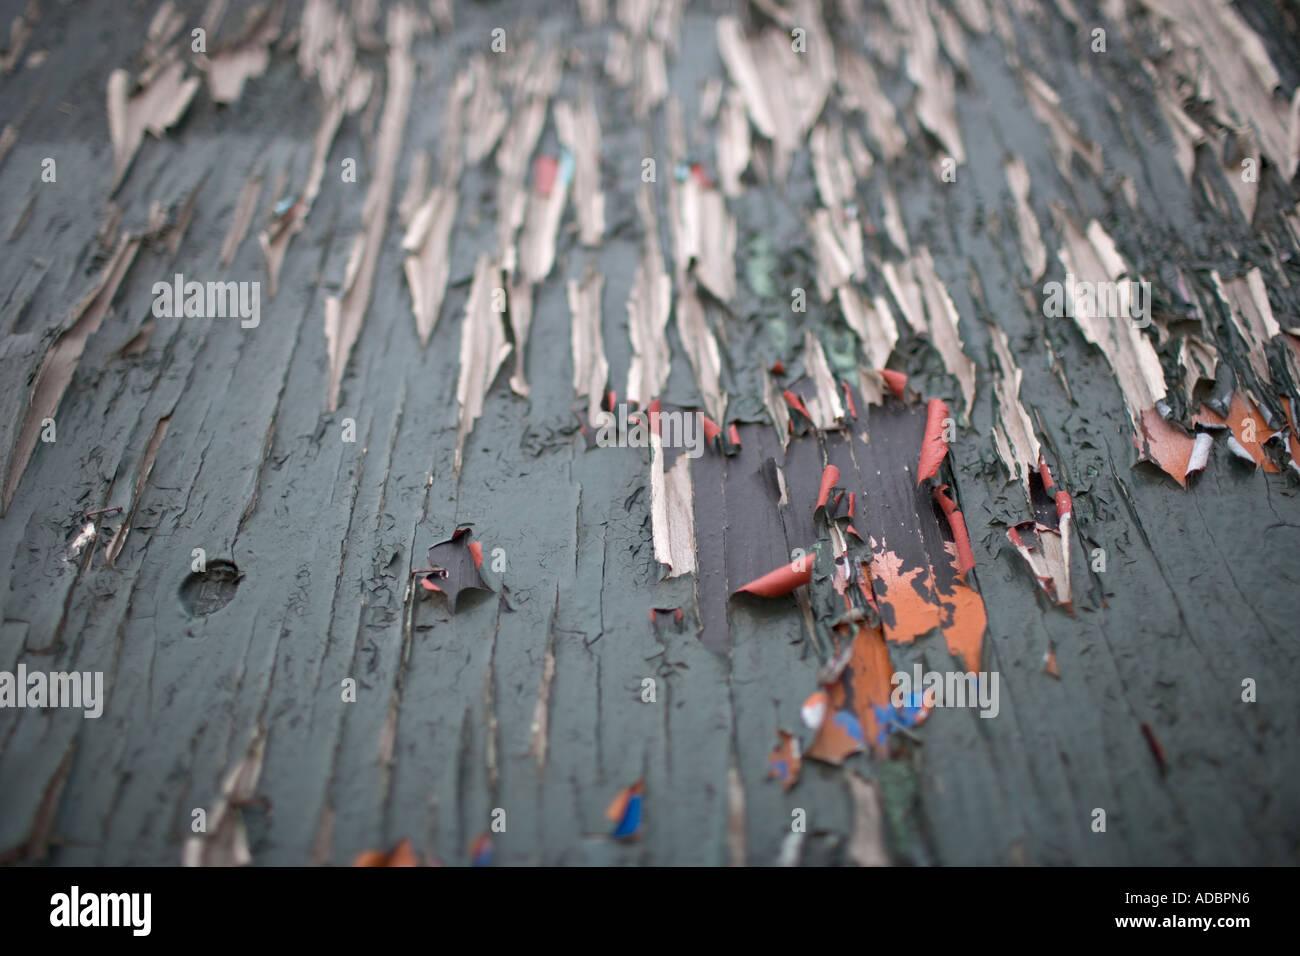 Estudio de pintura color Peeling decay texturas Imagen De Stock